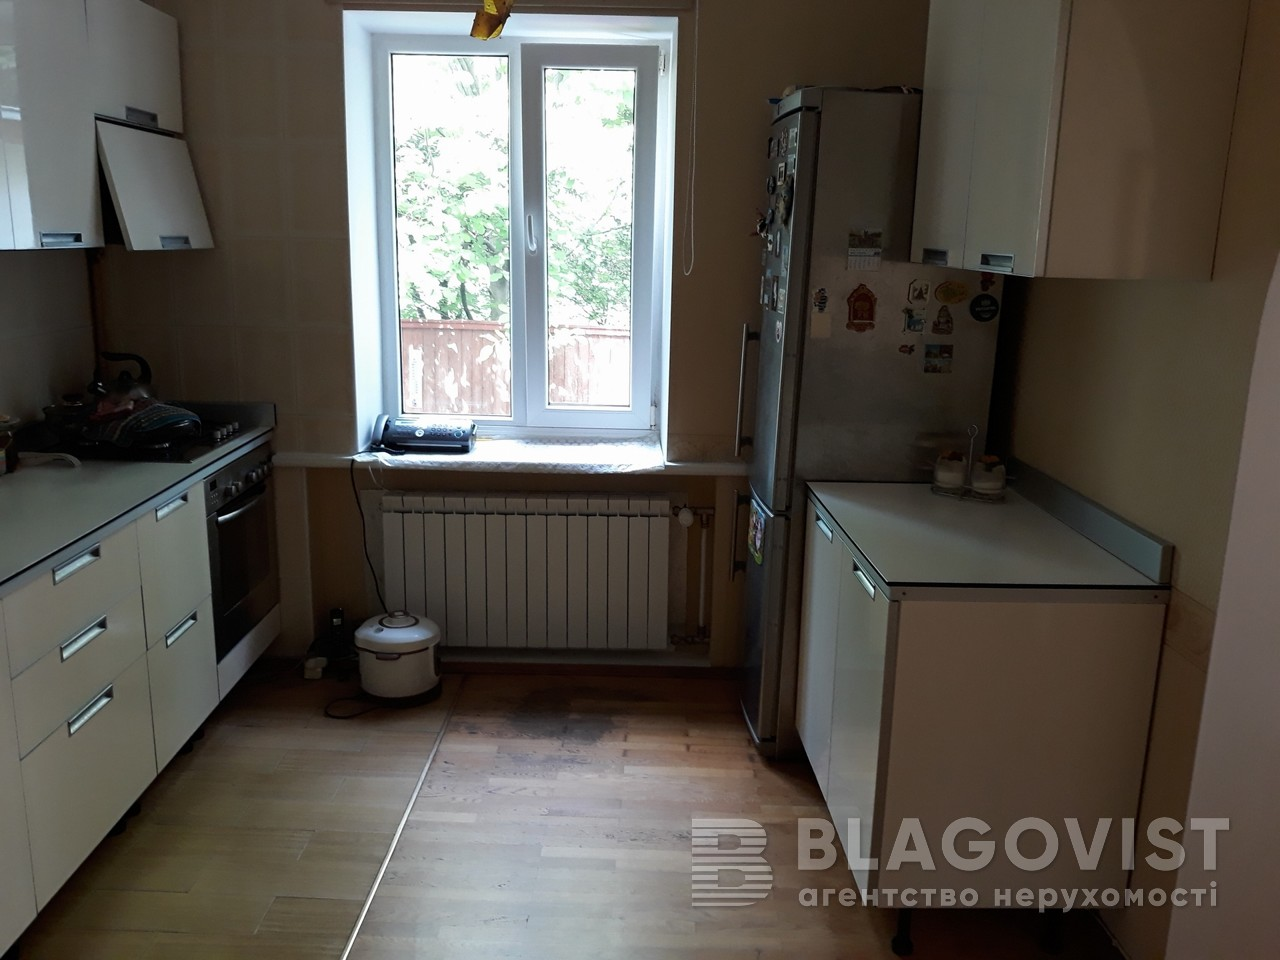 Дом Z-162976, Кишиневская, Киев - Фото 10